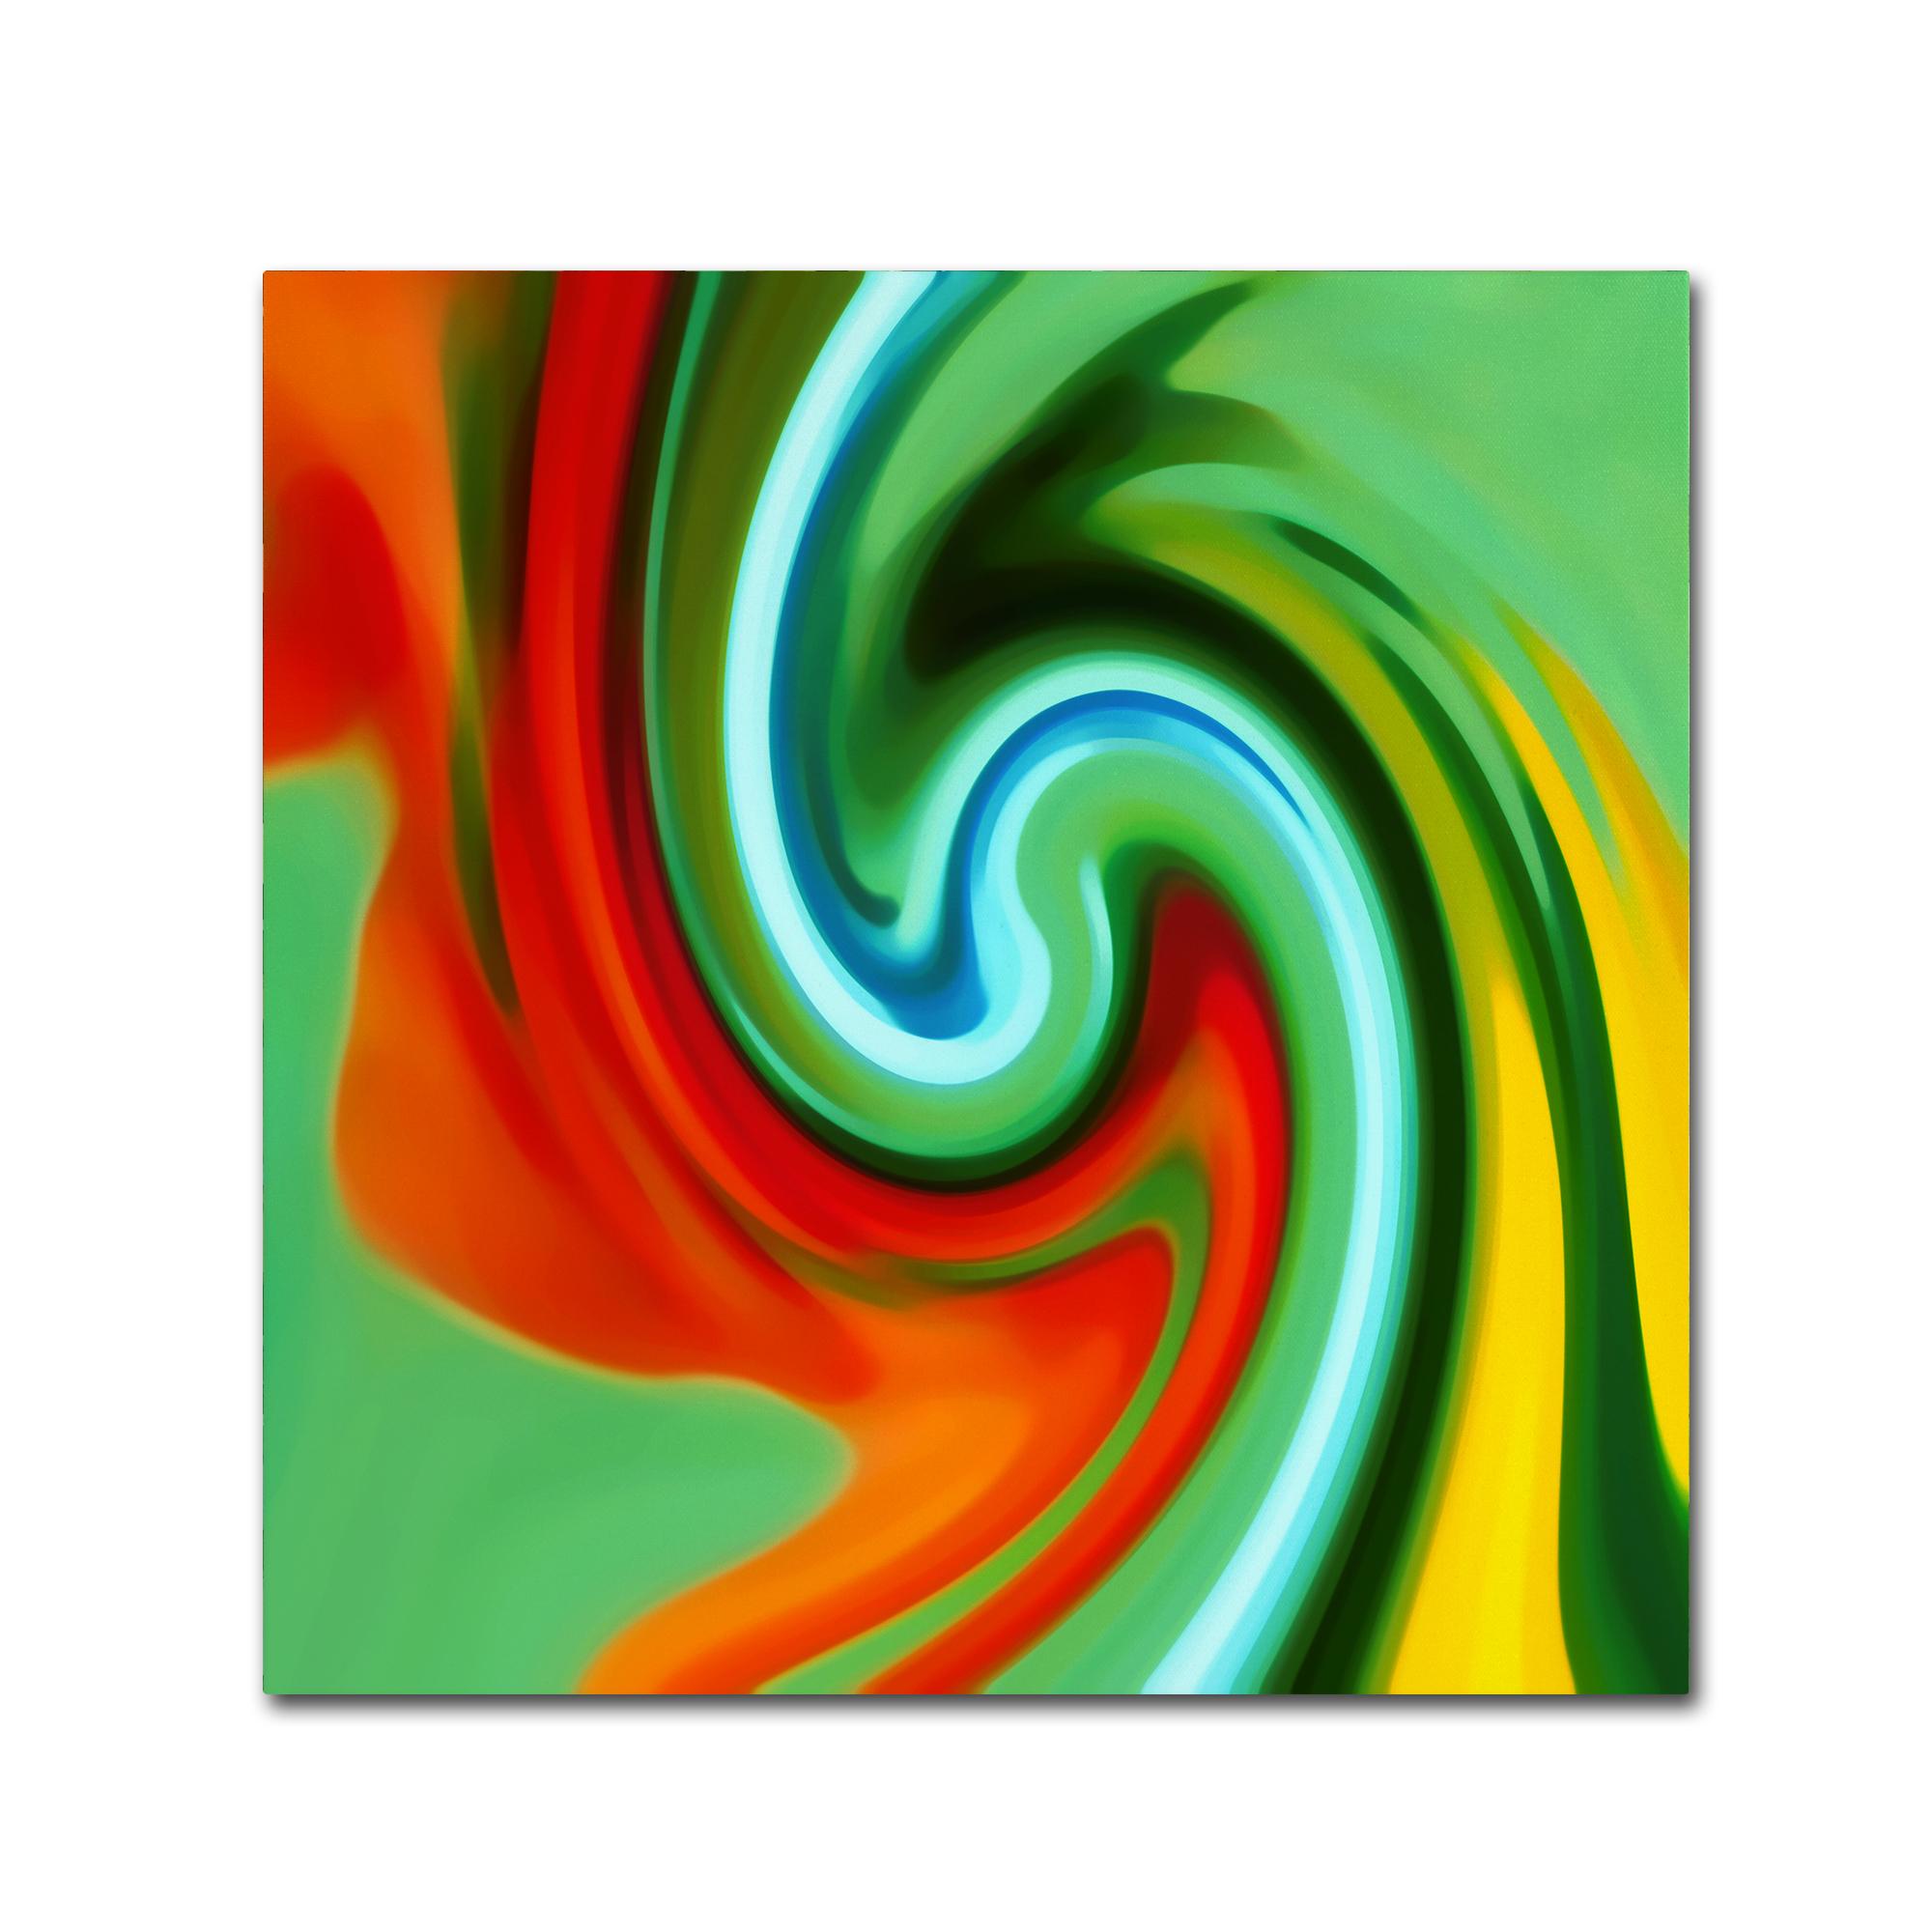 Trademark Fine Art Amy Vangsgard 'Abstract Flower Unfurling Square 2' Canvas Art PartNumber: 021V002671844000P KsnValue: 2671844 MfgPartNumber: AV0152-C1818GG